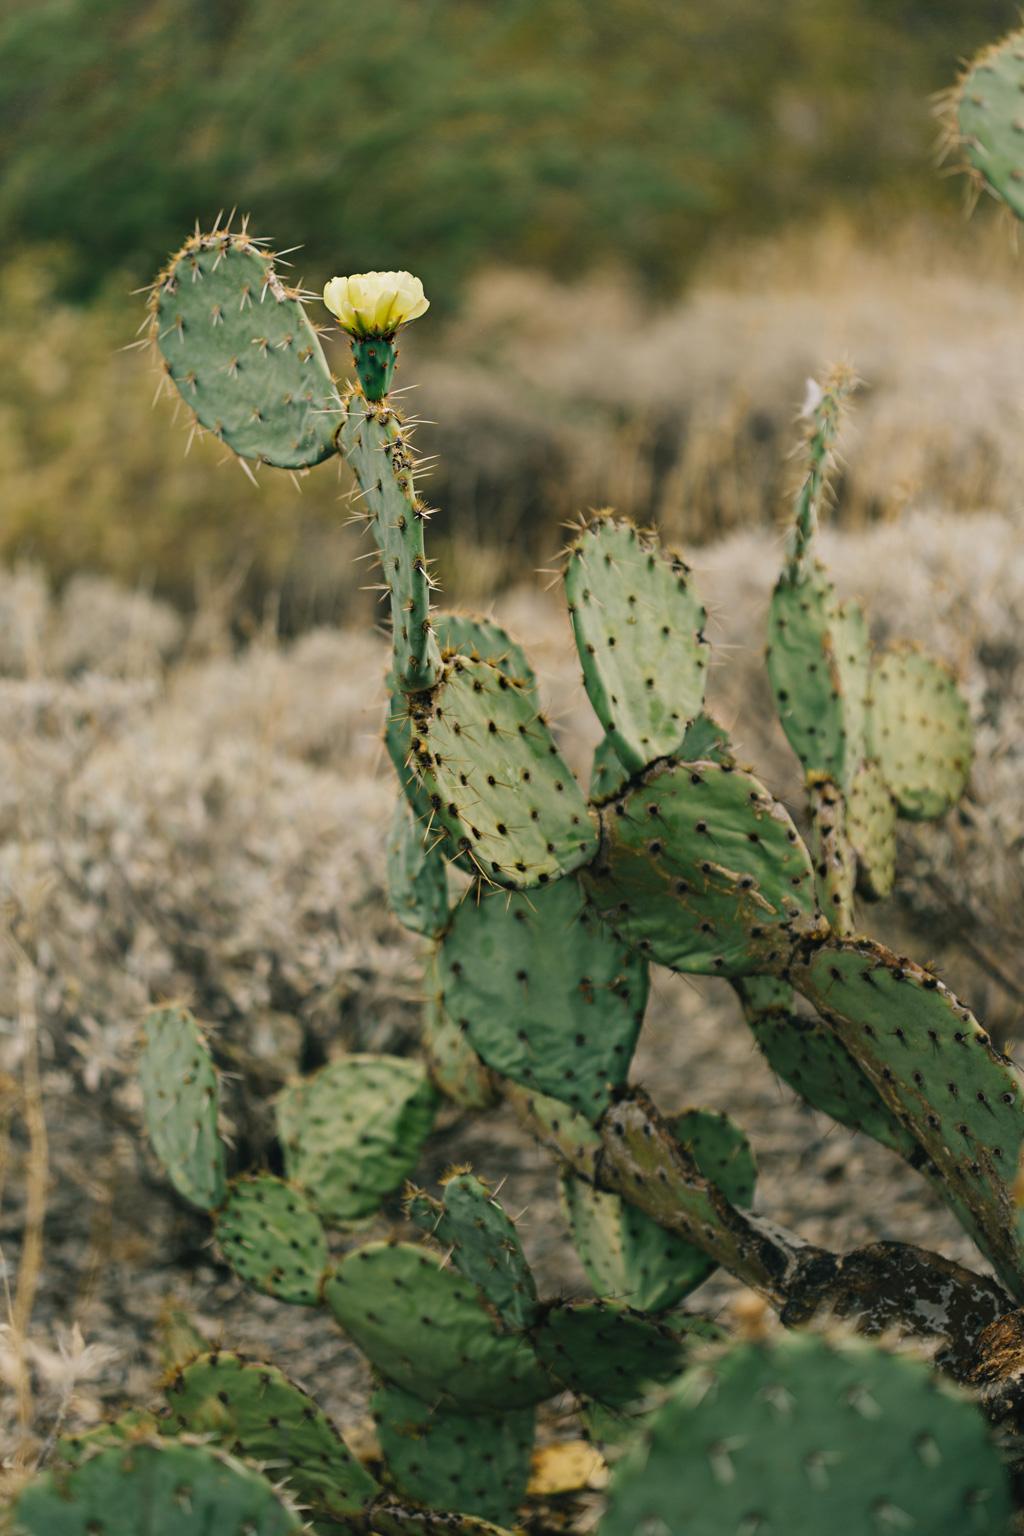 CindyGiovagnoli_Saguaro_National_Park_Arizona_desert_cactus_bloom_flowers-007.jpg